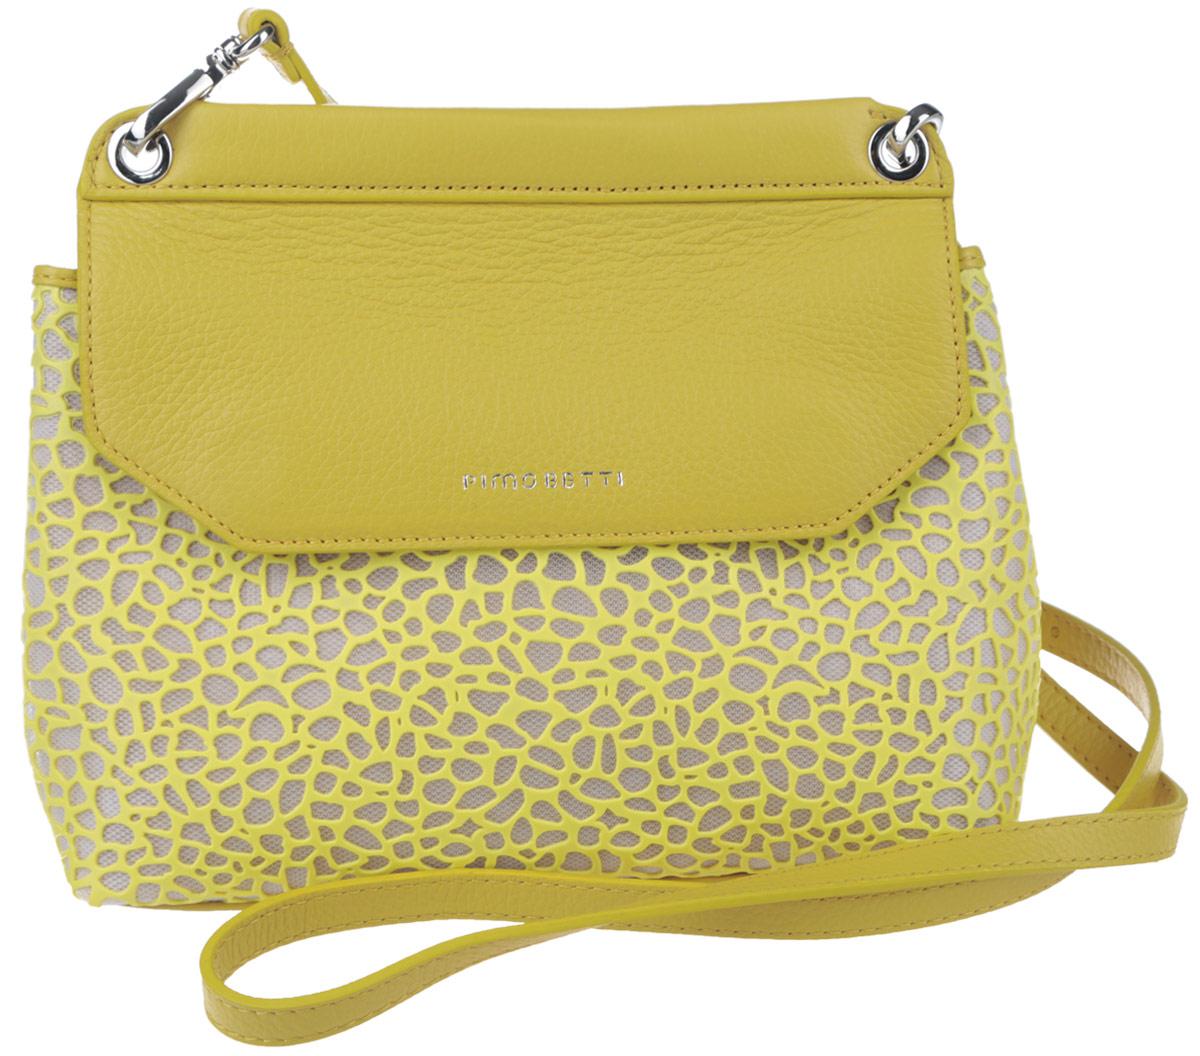 Сумка женская Pimo Betti, цвет: желтый, кремовый. 14593B1-W214593B1-W2Стильная женская сумка Pimo Betti выполнена из натуральной кожи и текстиля с оригинальной фактурой, оформлена символикой бренда. Изделие содержит одно вместительное отделение, закрывающееся клапаном на магниты. Внутри сумки расположены накладной кармашек для мелочей и врезной карман на застежке-молнии. Снаружи, на задней стороне сумки, расположен врезной кармашек на застежке-молнии. Изделие оснащено съемным плечевым ремнем регулируемой длины. Оригинальный аксессуар позволит вам завершить образ и быть неотразимой.